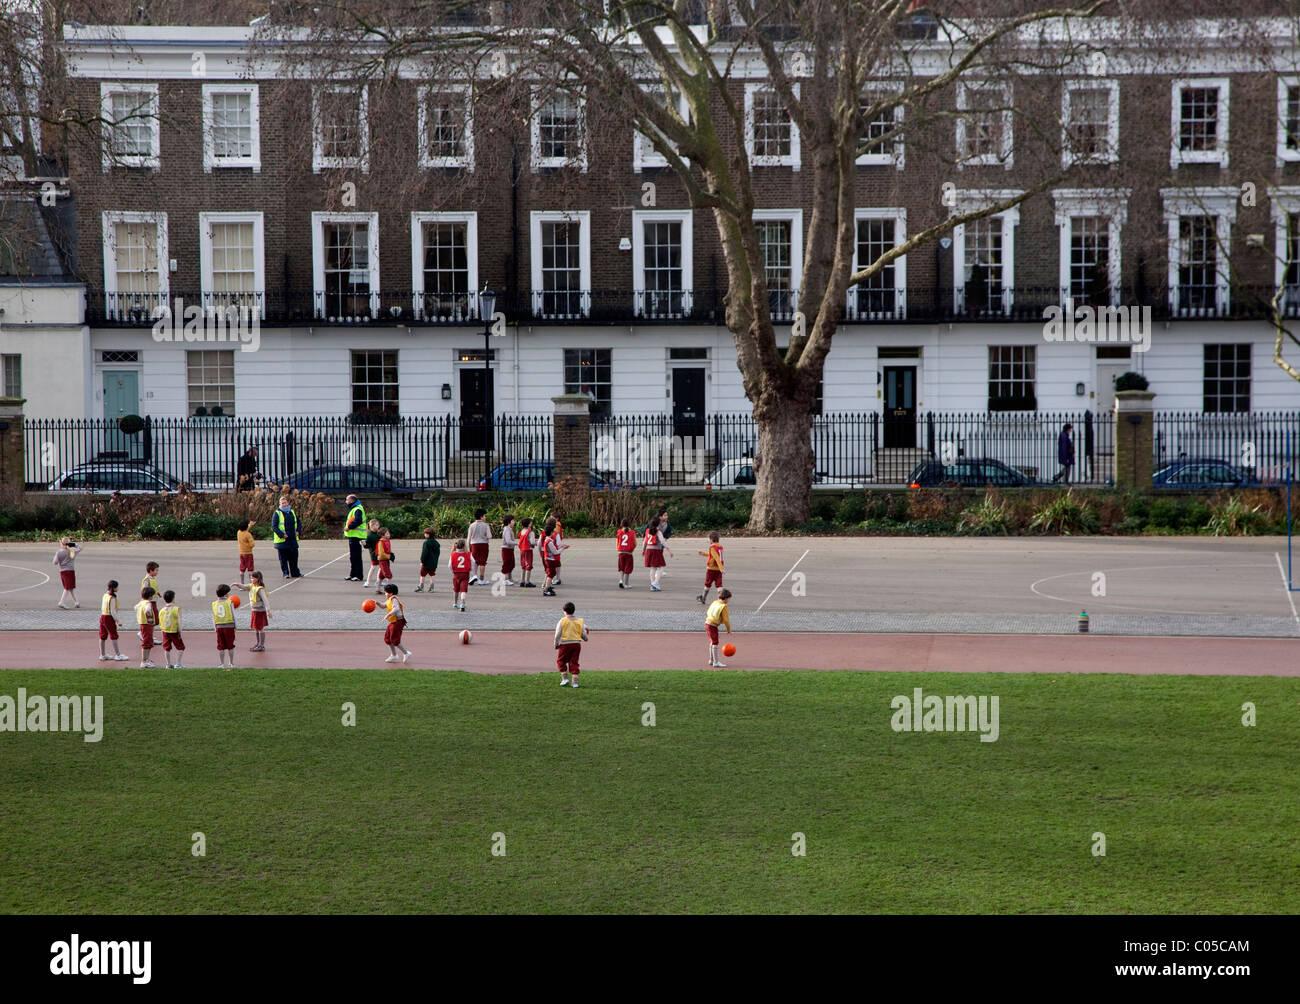 Schoolchildren playing in Duke of York Square, Chelsea, London - Stock Image